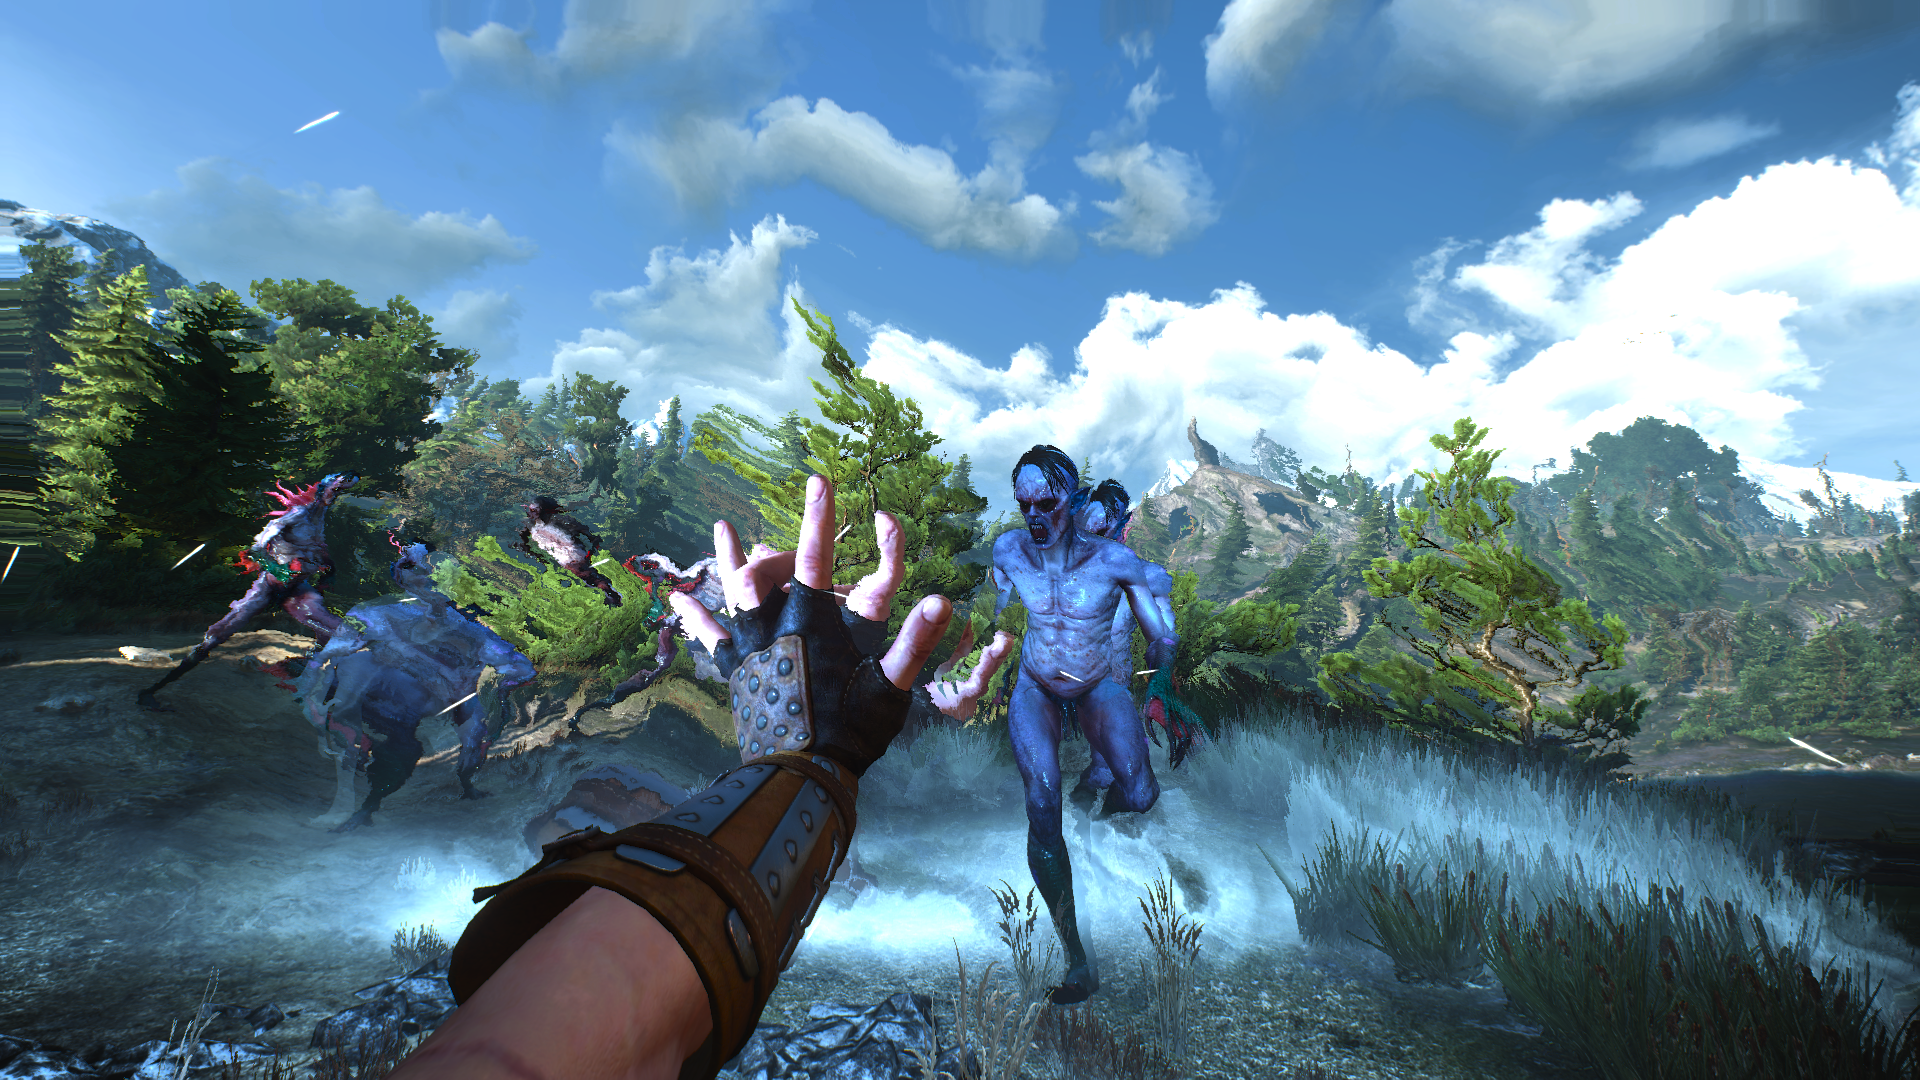 تصاویر جدیدی از The Witcher 3 با دید اول شخص